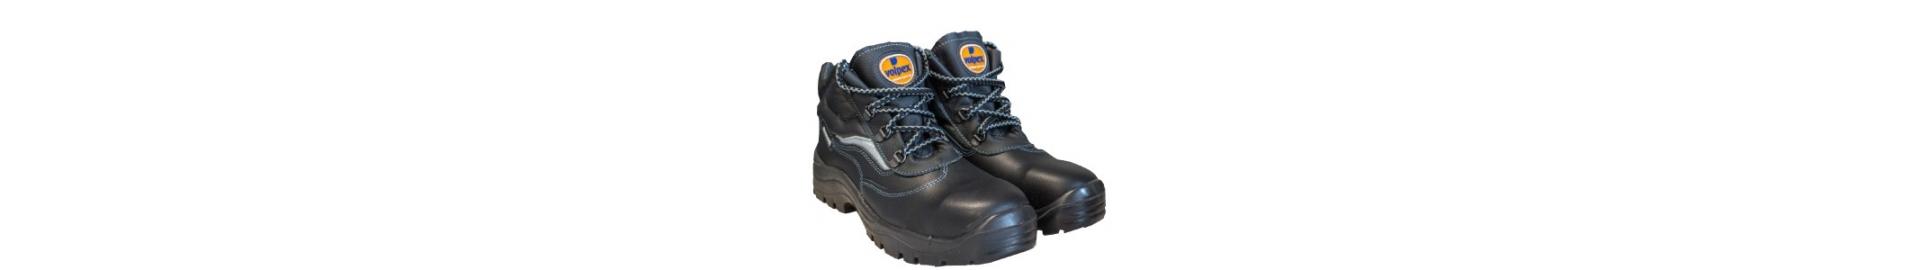 Obuwie robocze: buty ochronne, budowlane oraz przemysłowe